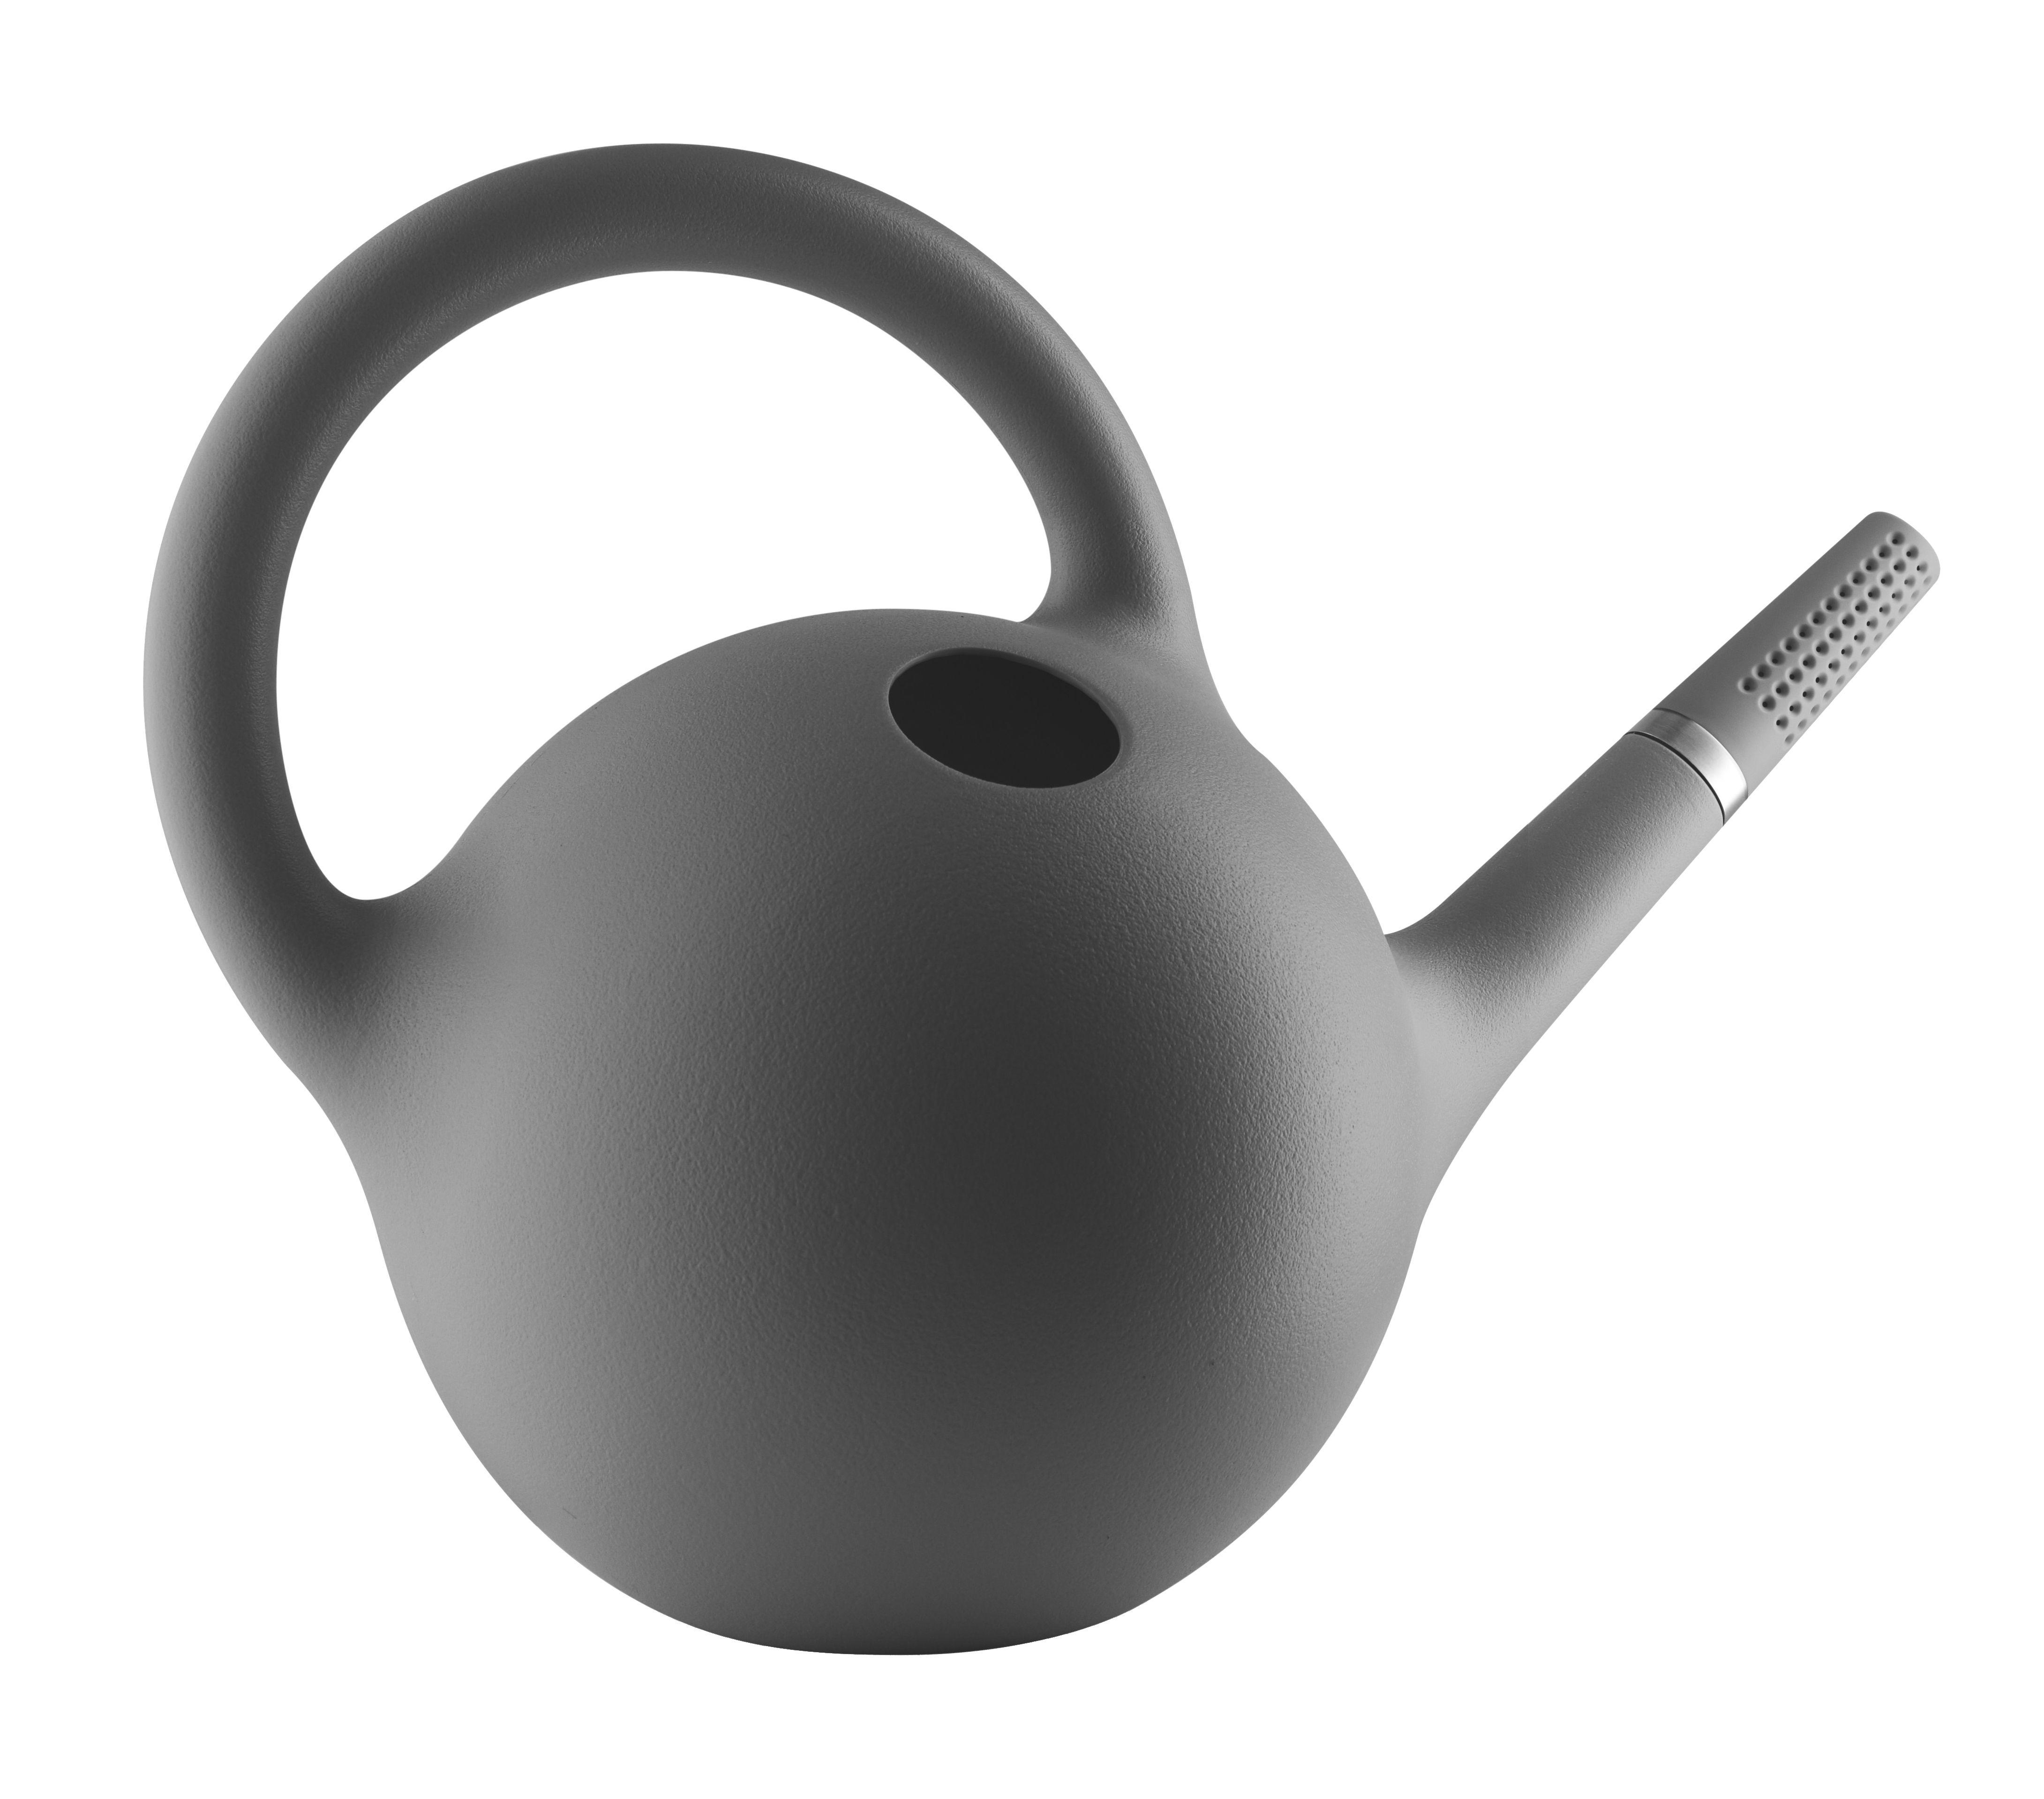 Jardin - Pots et plantes - Arrosoir Globe / 9 L - Eva Solo - Gris - Acier inoxydable, Plastique